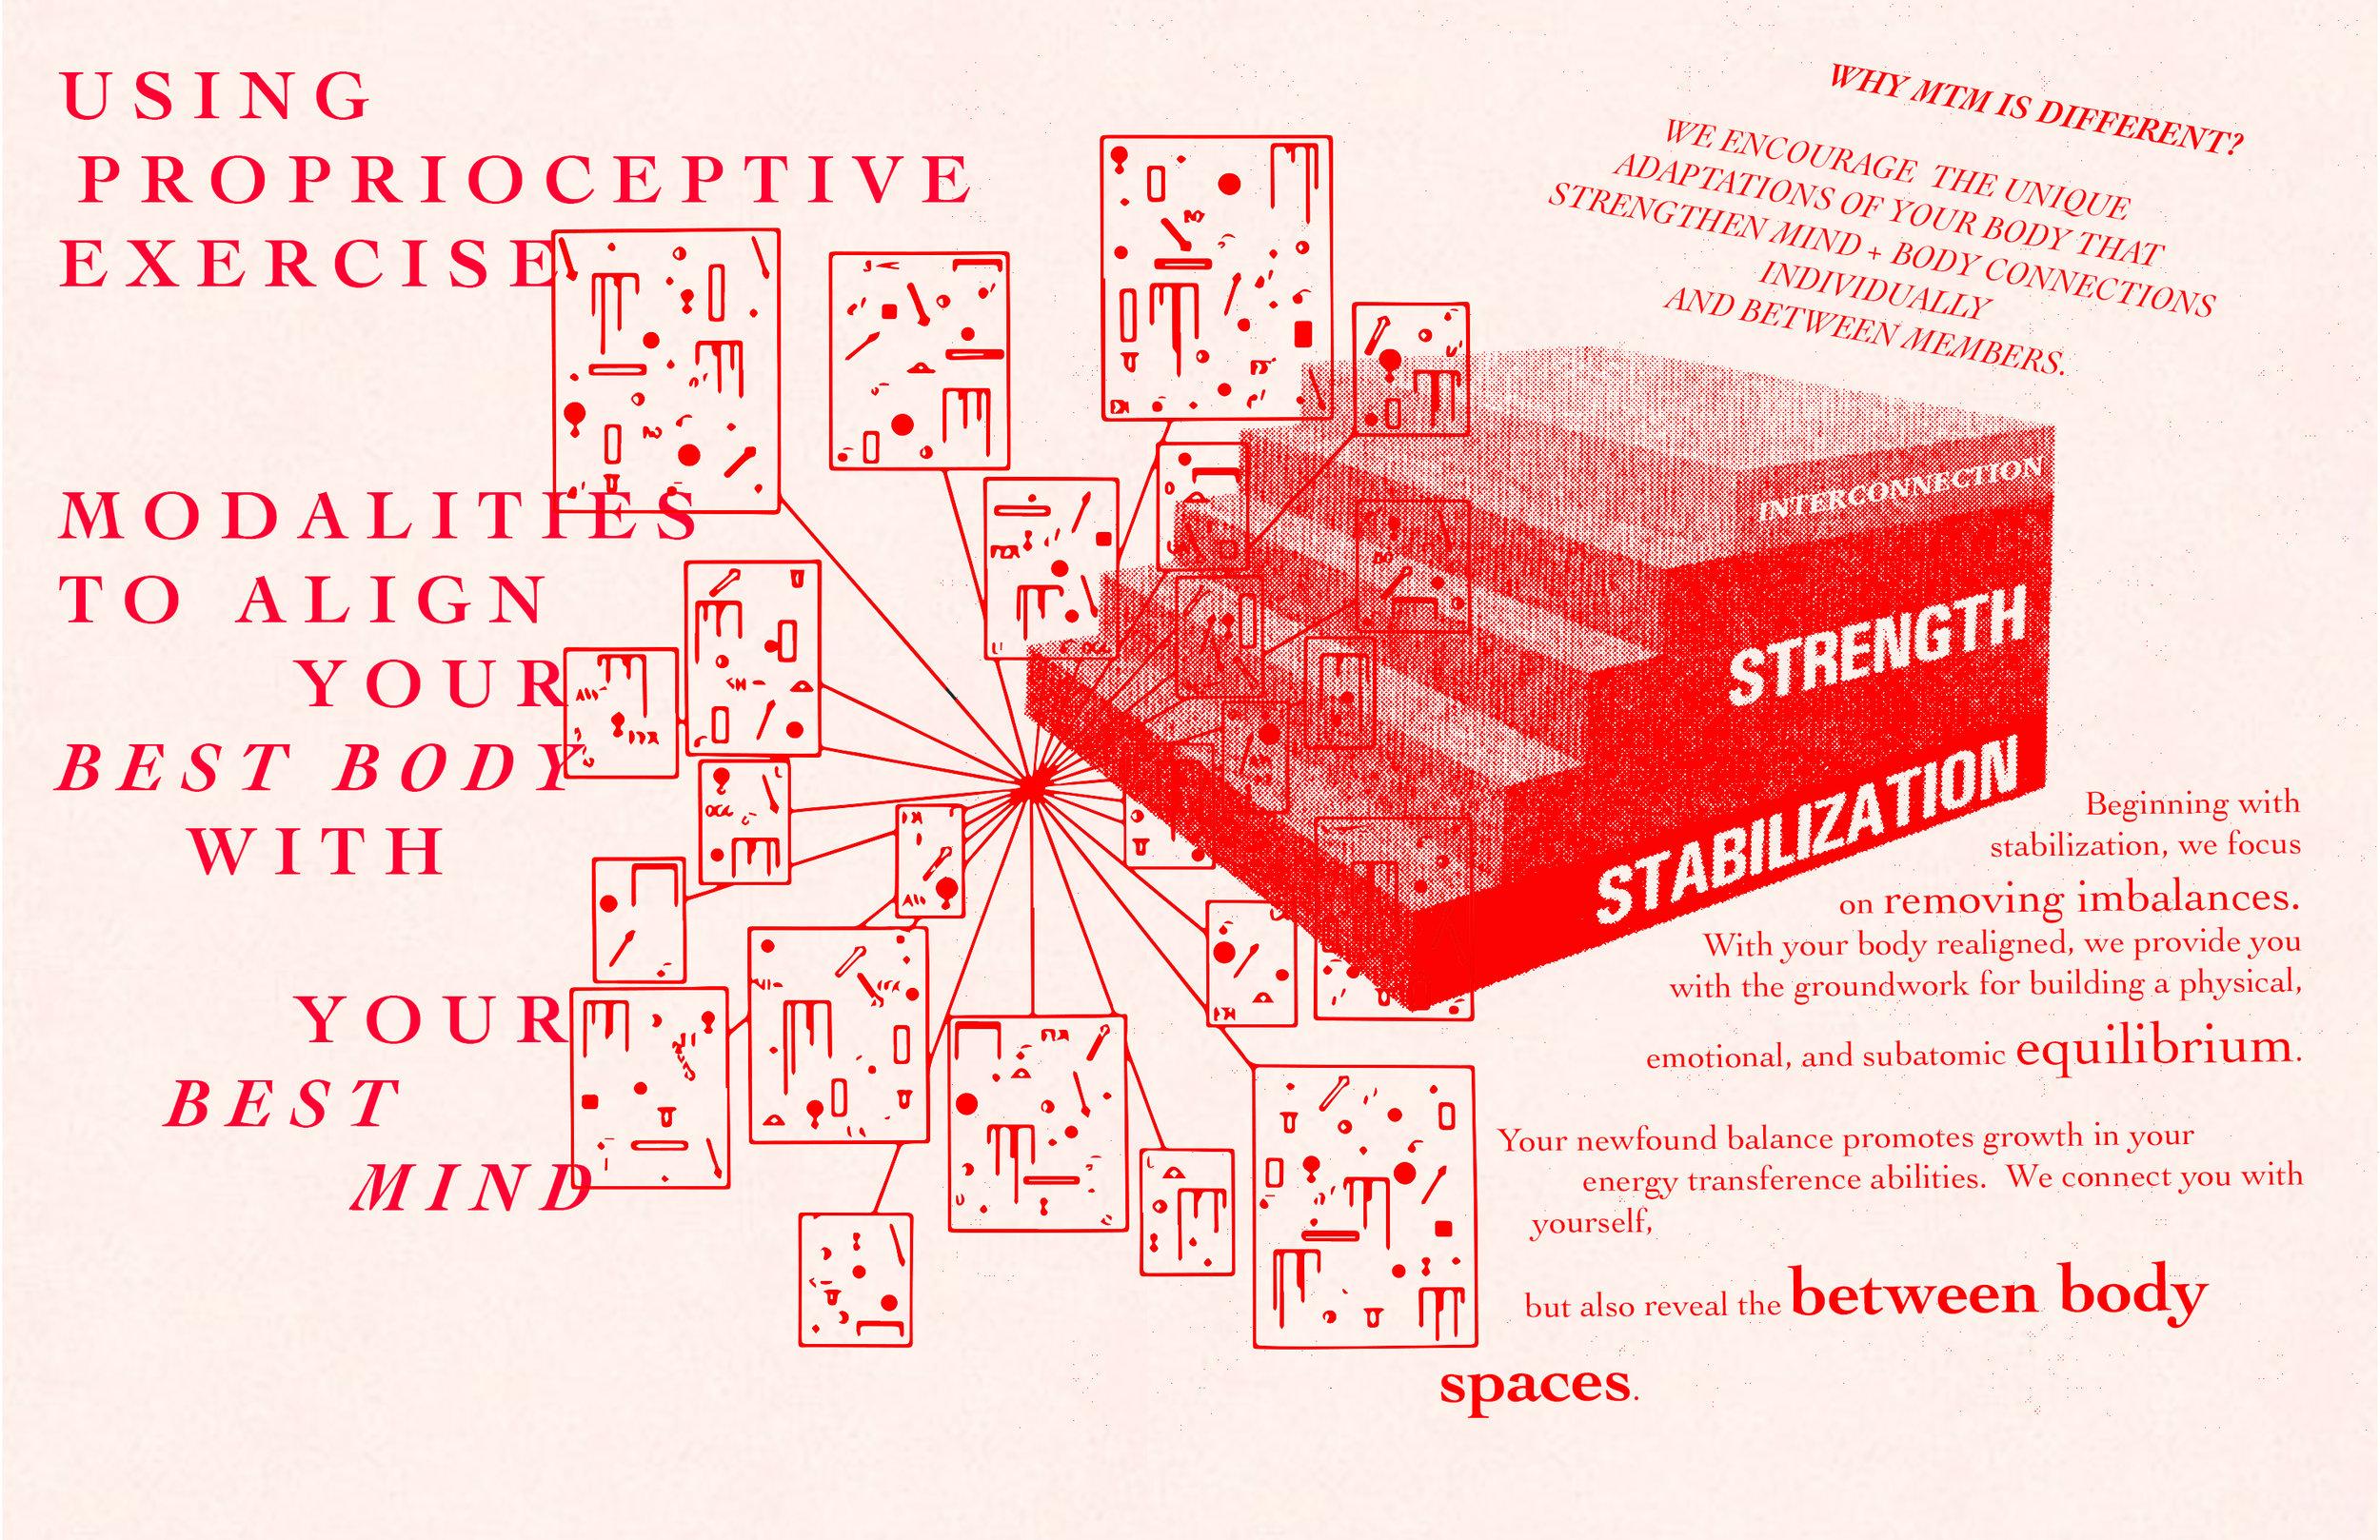 BetweenBodySpace.jpg